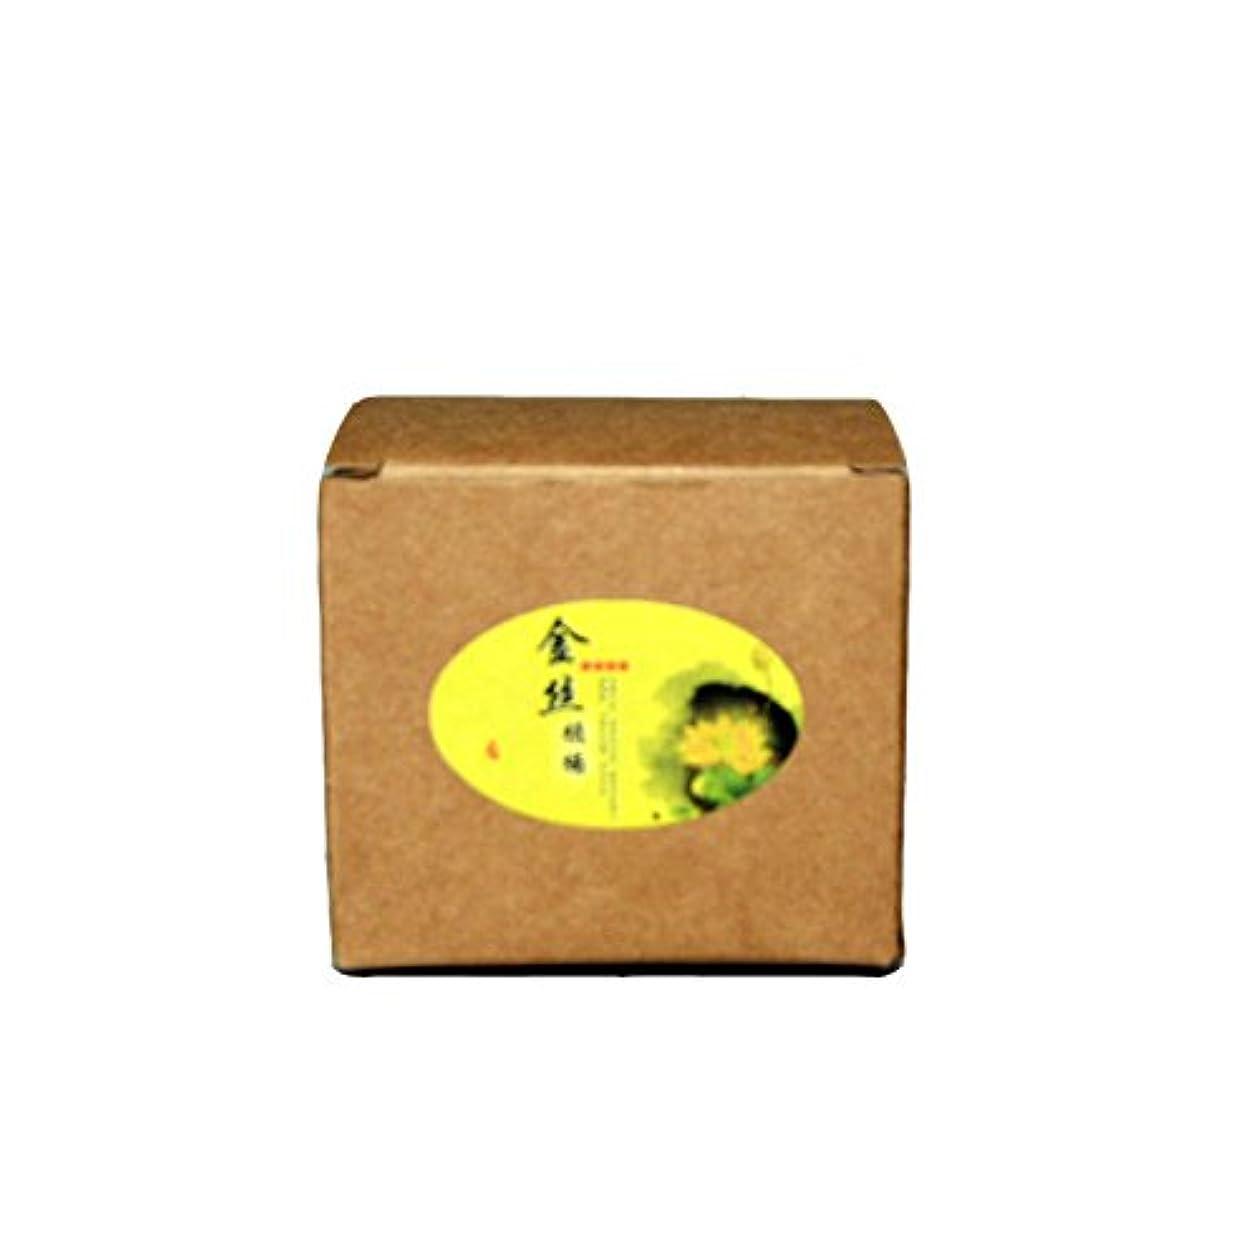 引き付ける合金集団天然仏香; ビャクダン; きゃら;じんこう;線香;神具; 仏具; 一护の健康; マッサージを缓める; あん摩する